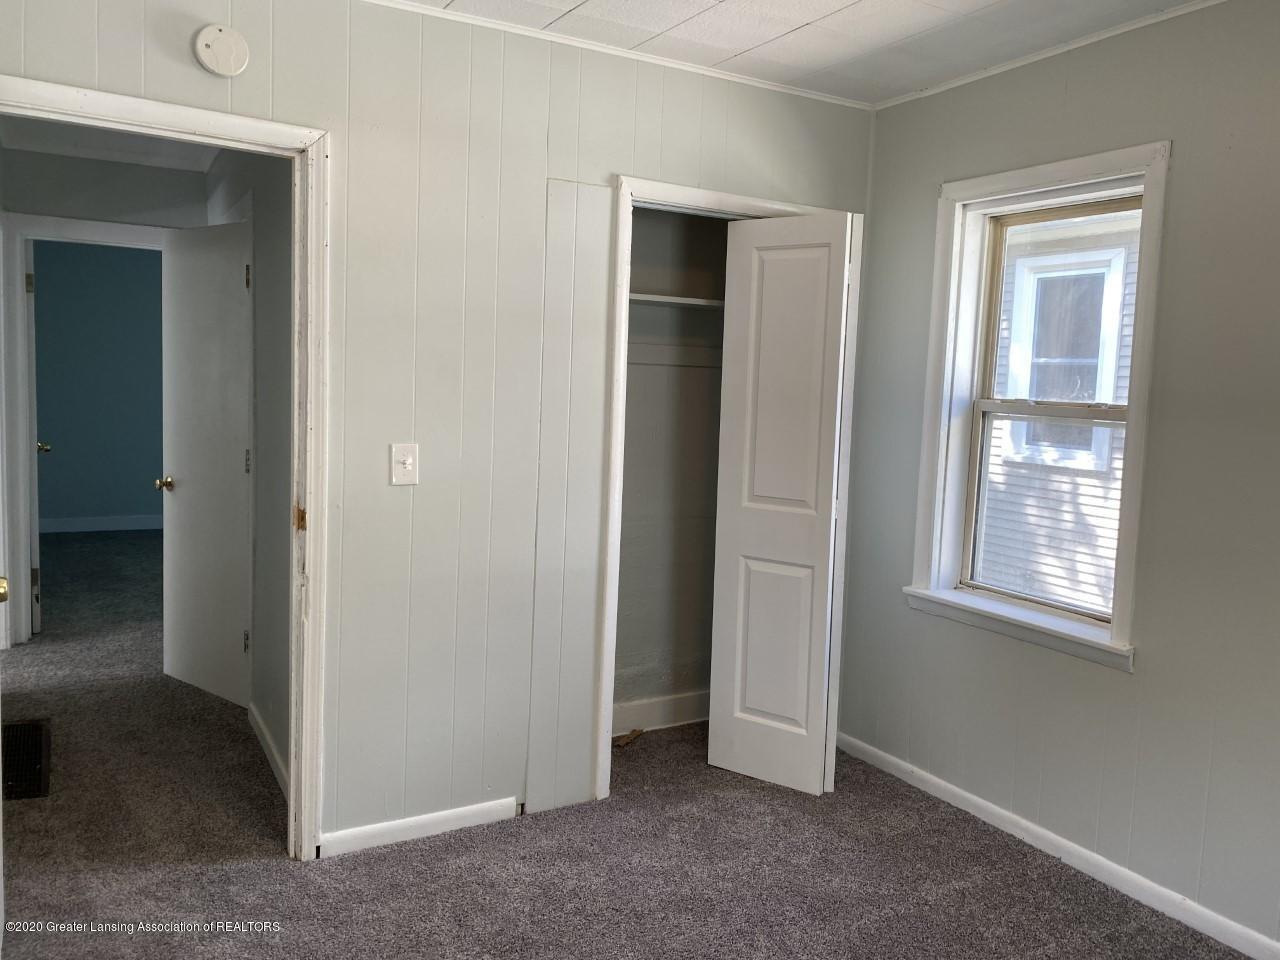 1033 Queen St - Bedroom - 18